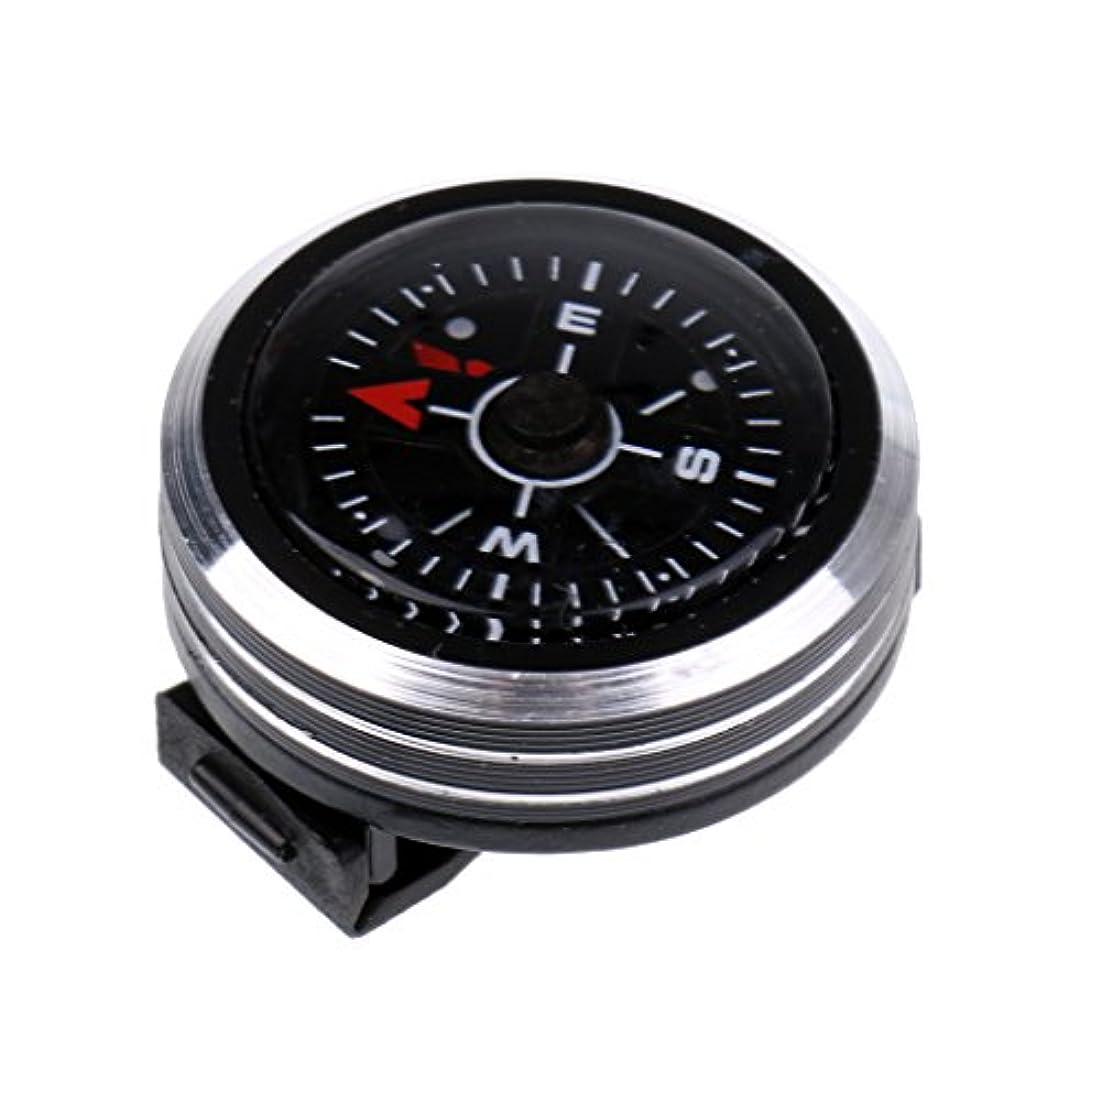 静脈ひねり思いやりSONONIA 方位磁石 手首 屋外 ナビゲーション 腕時計の形 コンパス アウトドア